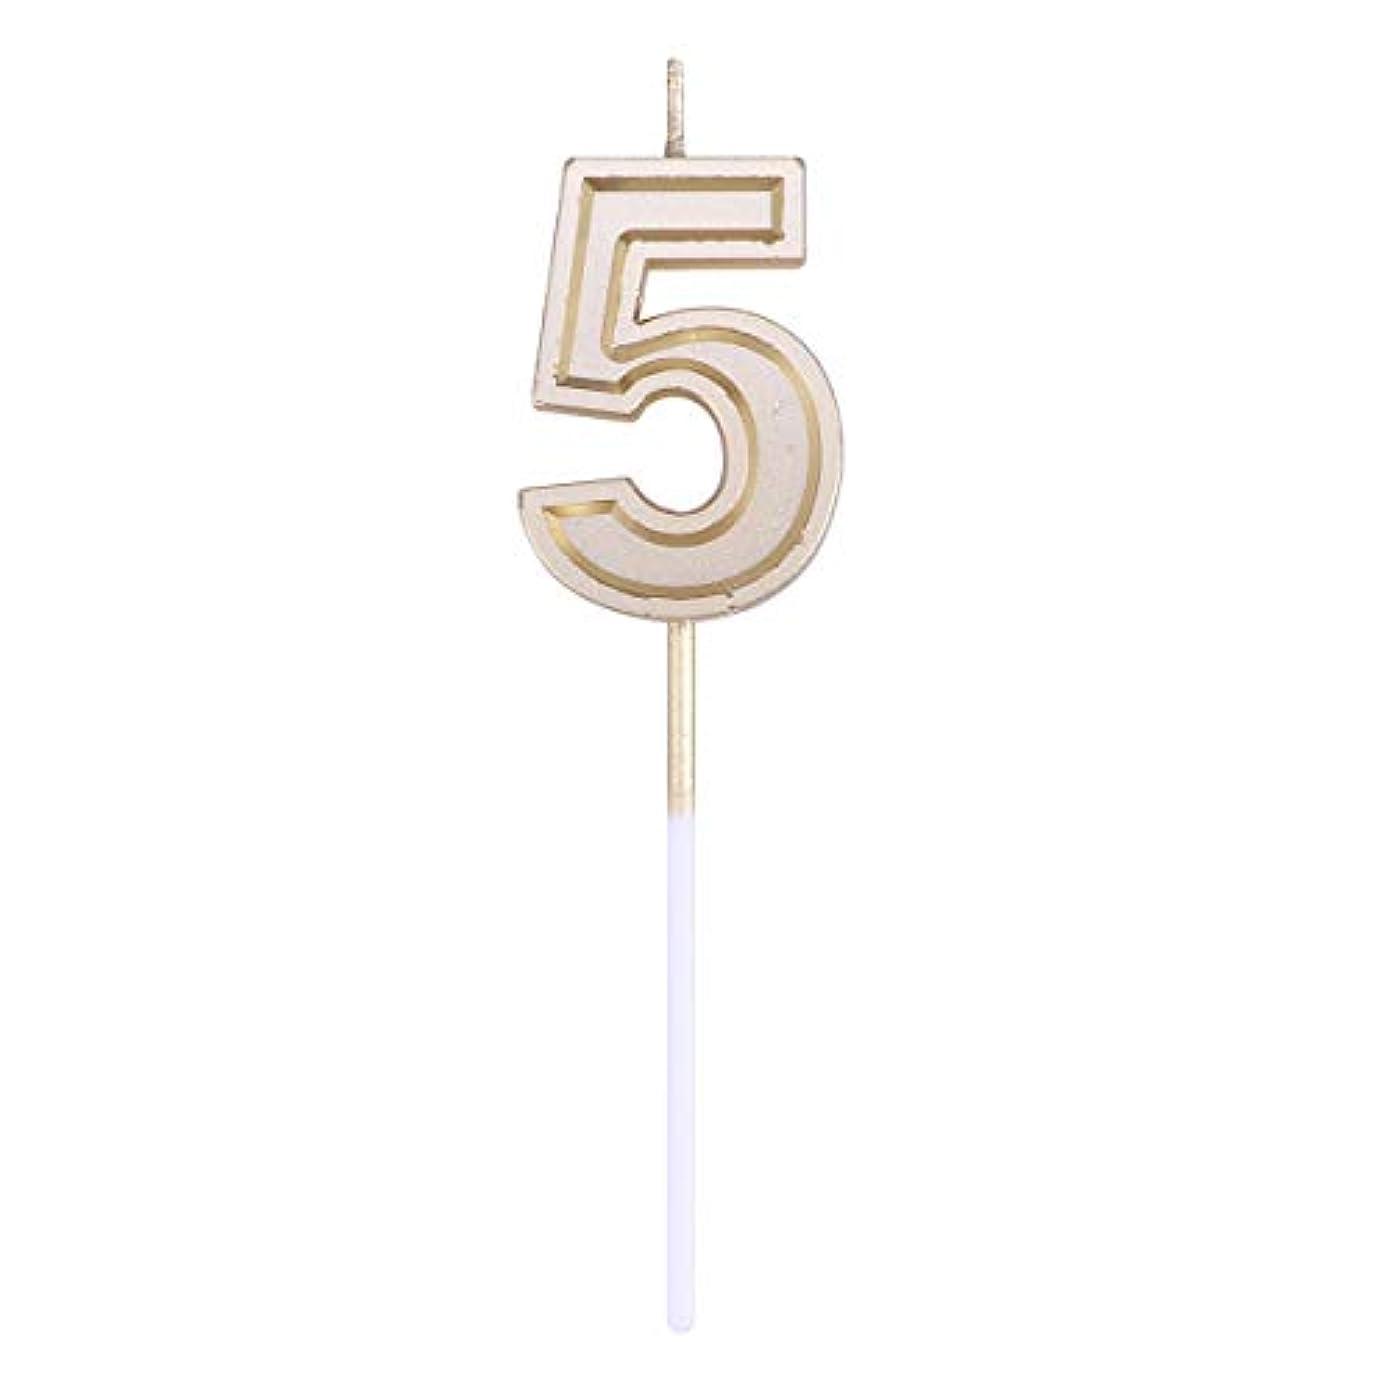 で出来ている影響力のあるつかむToyvian ゴールドラメ誕生日おめでとう数字キャンドル番号キャンドルケーキトッパー装飾用大人キッズパーティー(5)